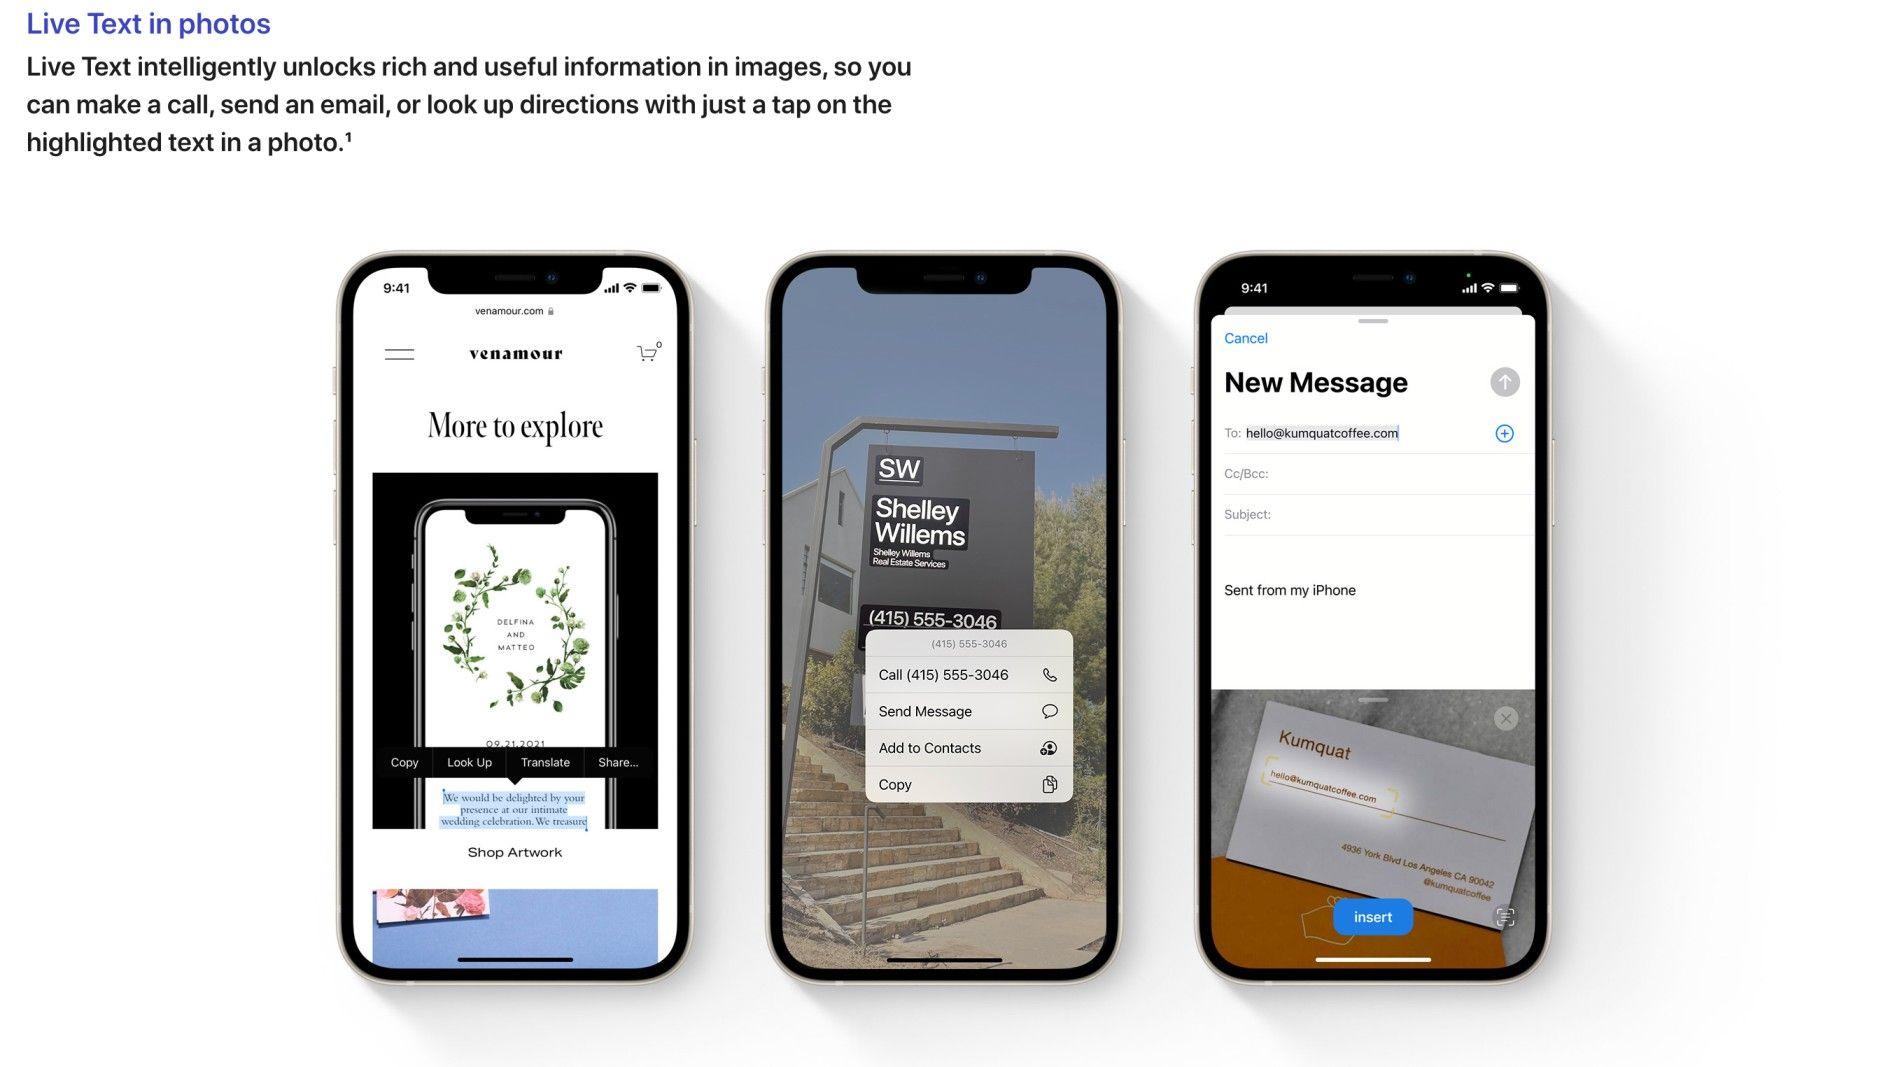 قبل انطلاق حدث أبل 2021.. إليكم كل التفاصيل التي ترغبون في معرفتها عن هاتف أيفون الجديد ونظام IOS 15 - Live text